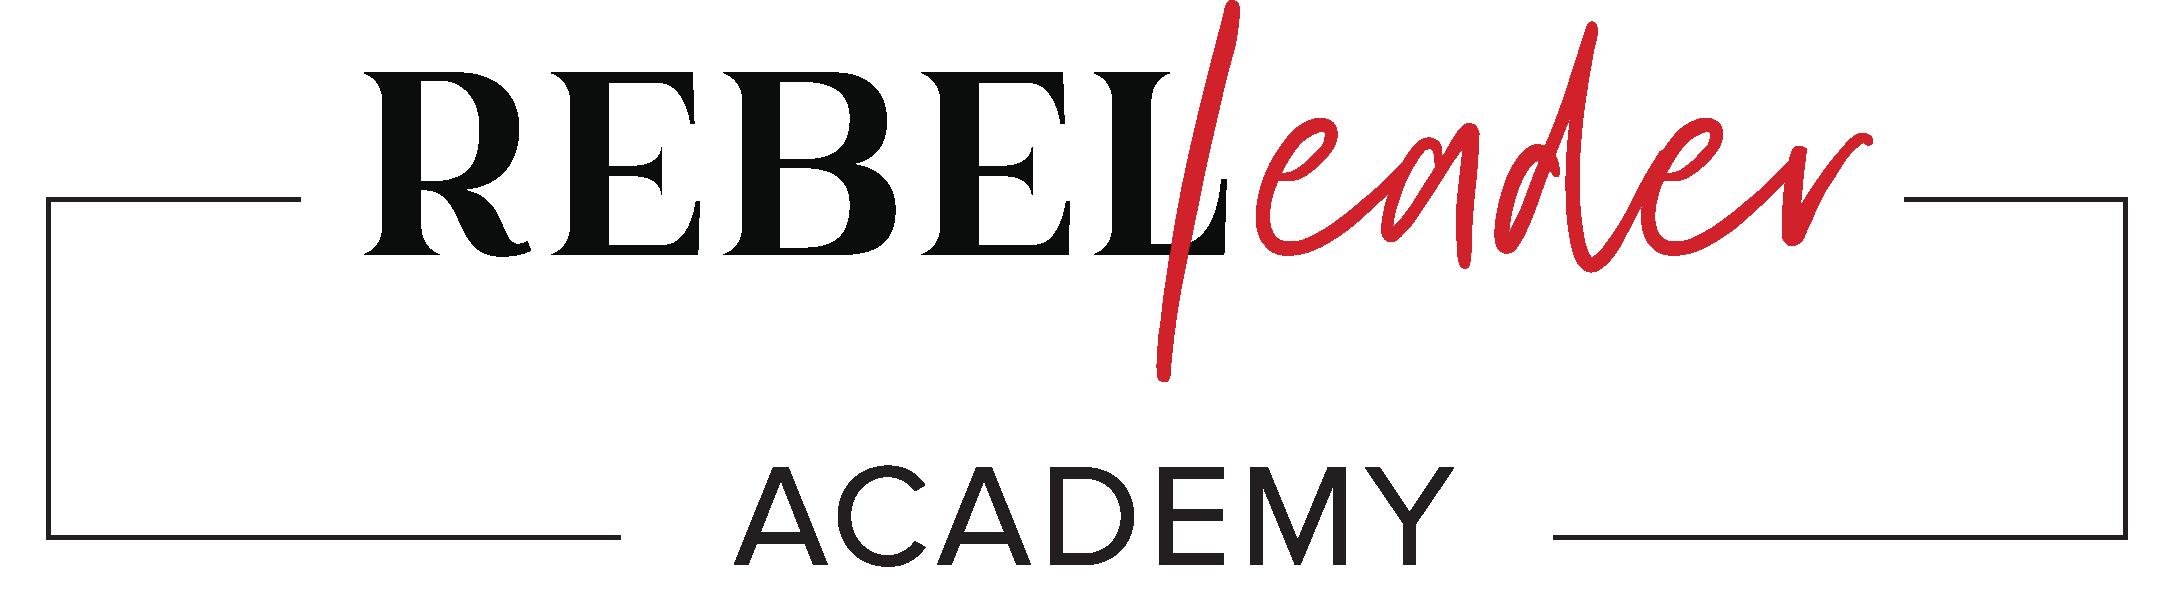 Rebel Leader Academy